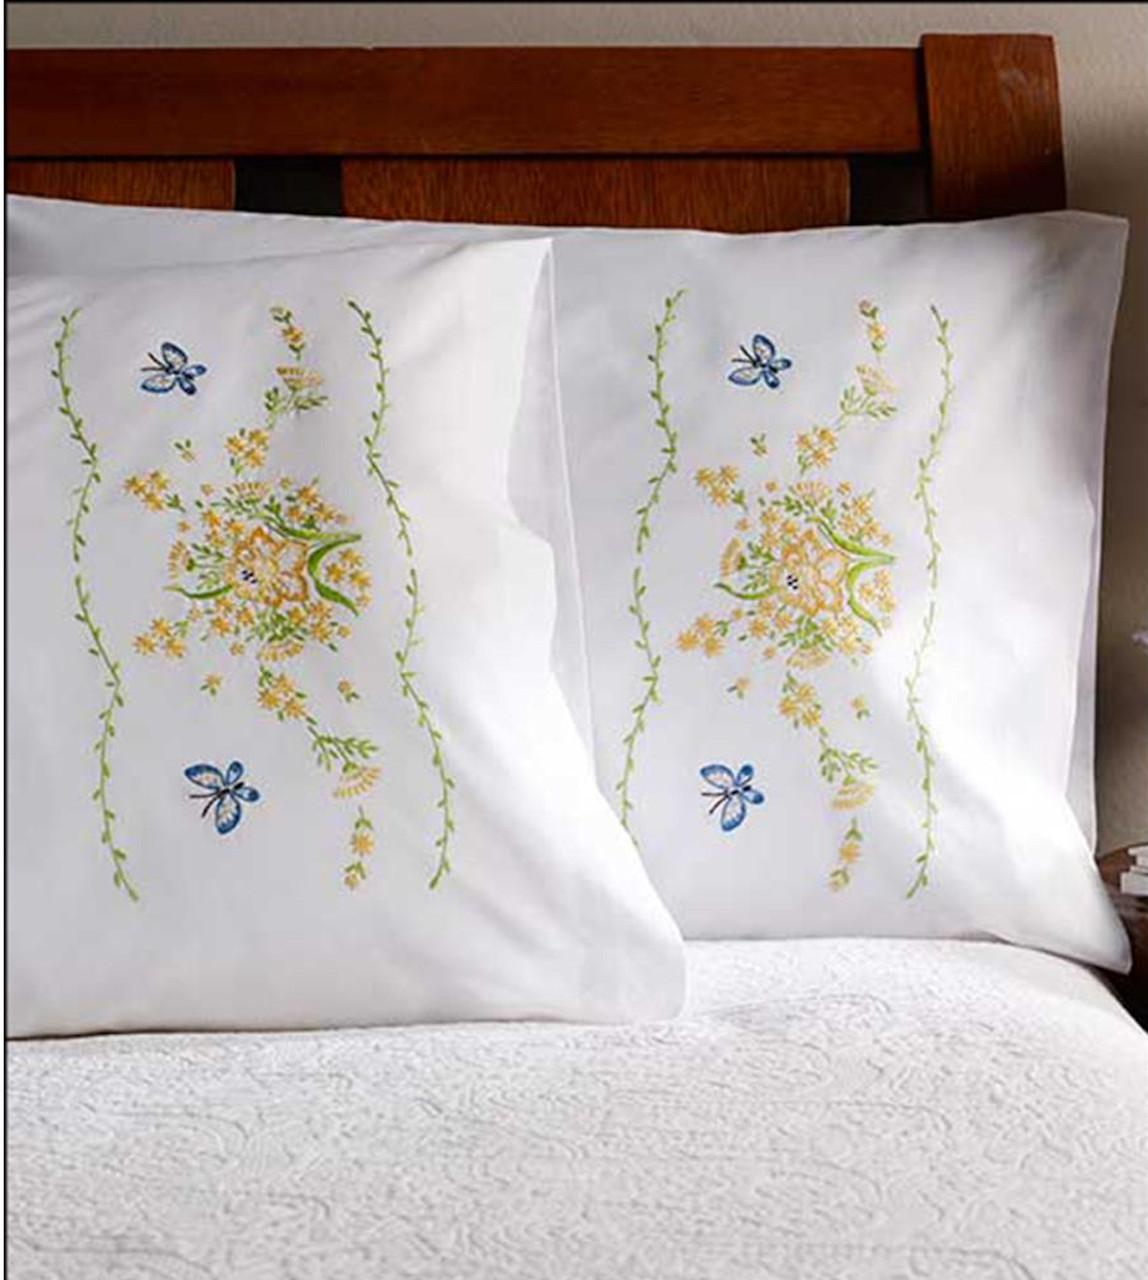 Plaid / Bucilla - Daffodil Pillowcases (2)